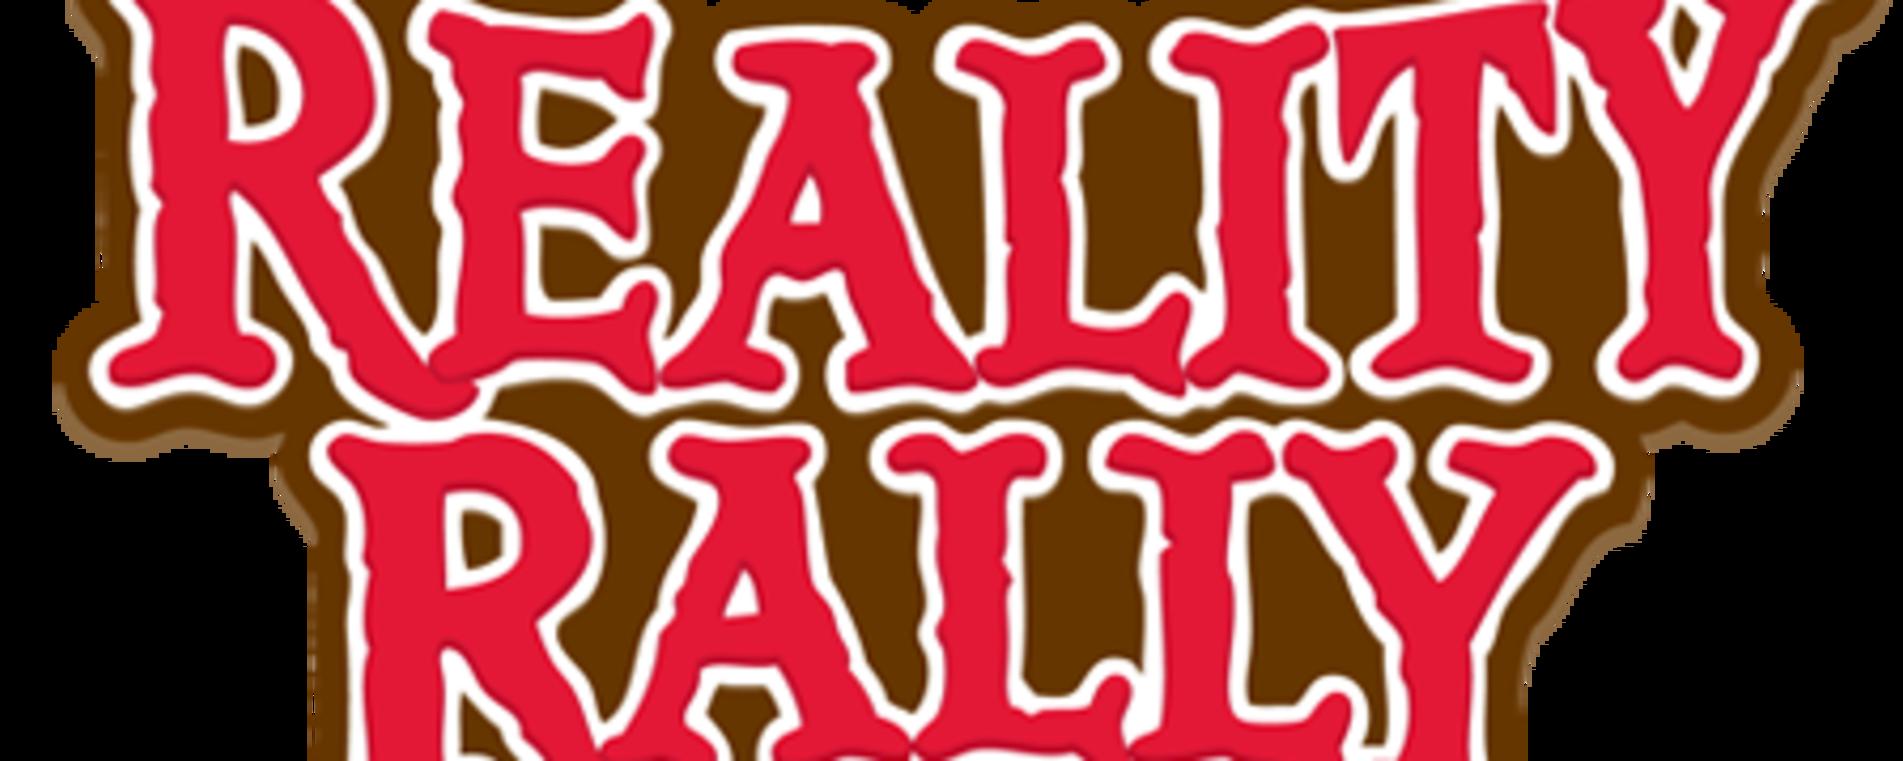 Reality Rally - Temecula